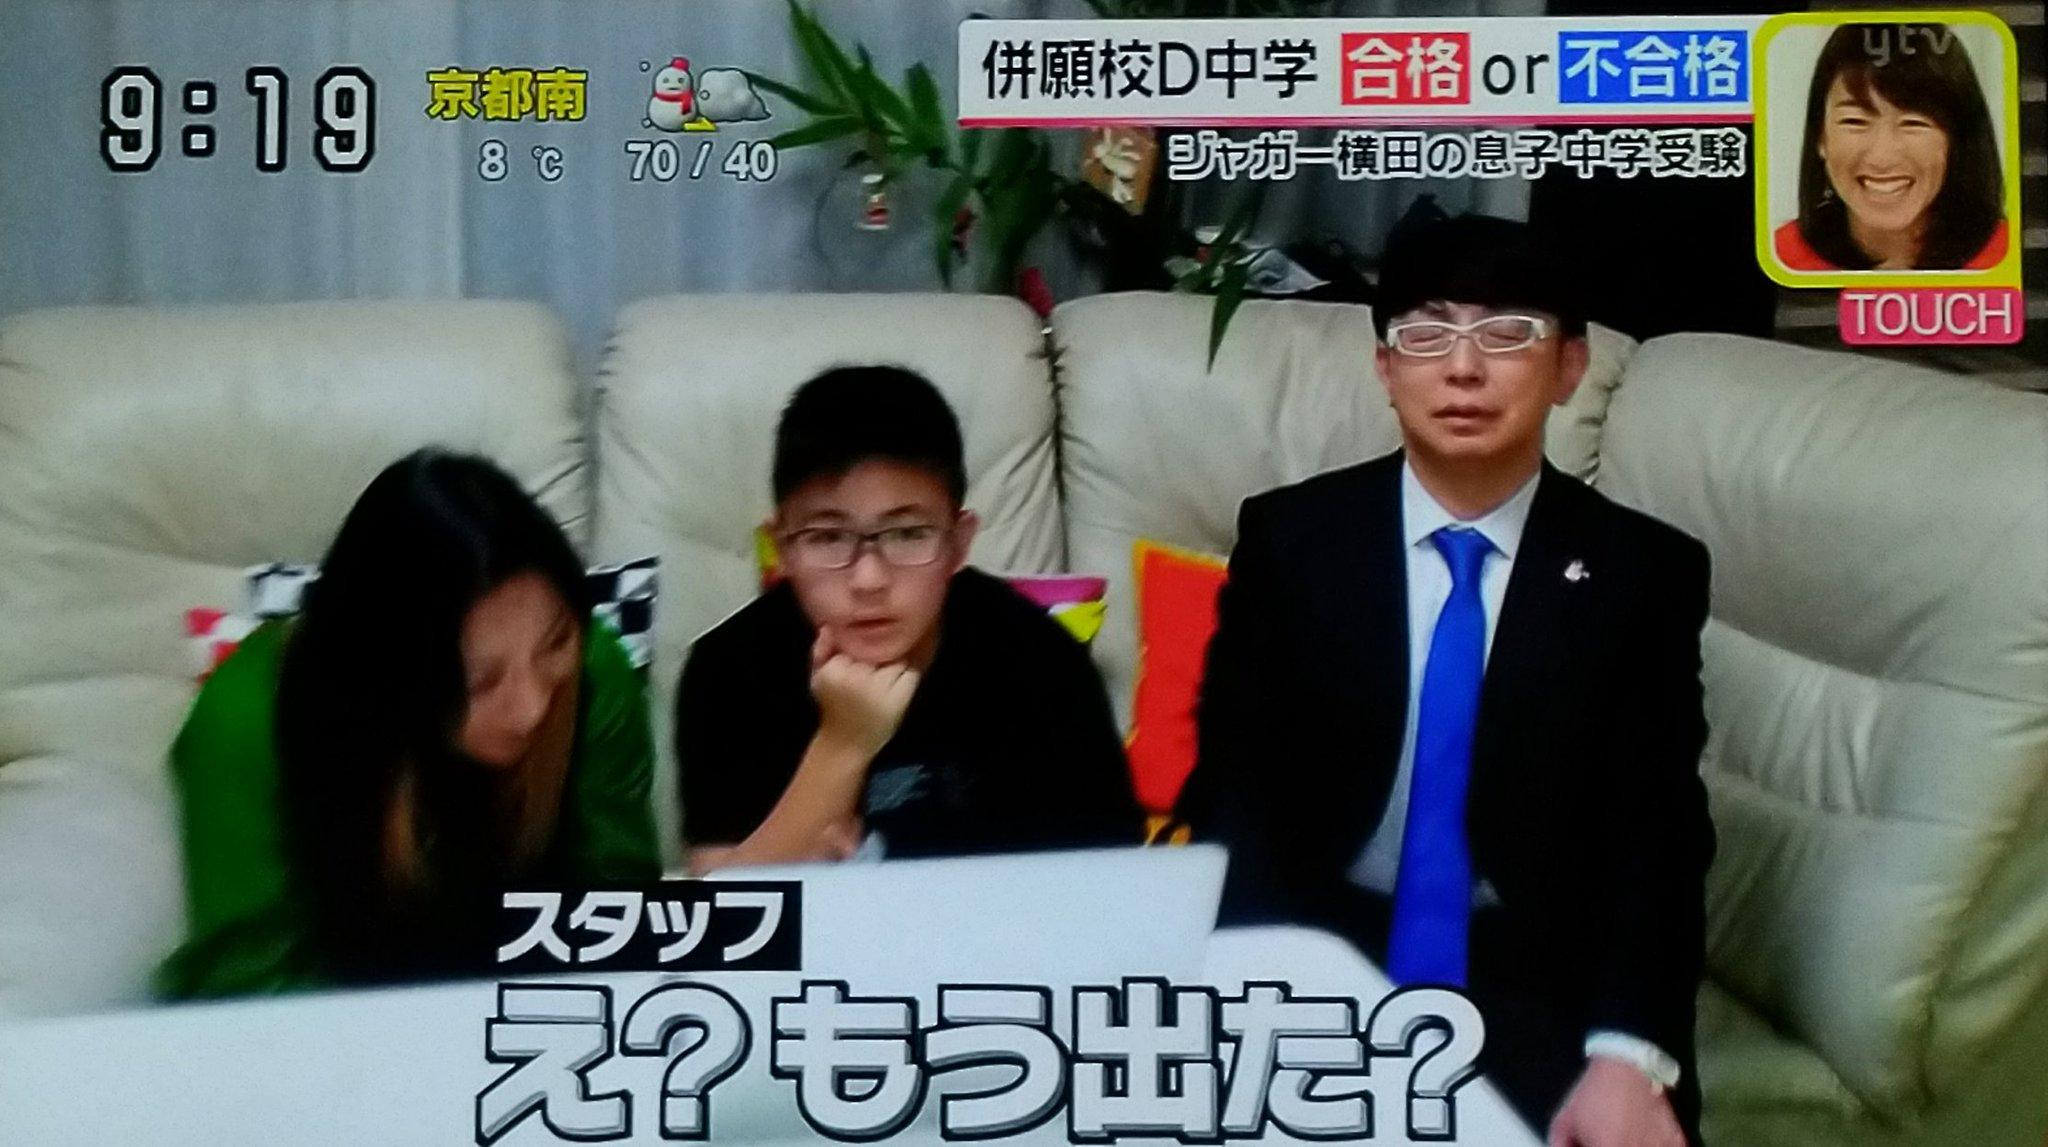 画像,ジャガー横田の息子、追加した併願中学に見事合格!お疲れ様お父さん!総額いくら掛かりました? https://t.co/uoDqGDluRJ…